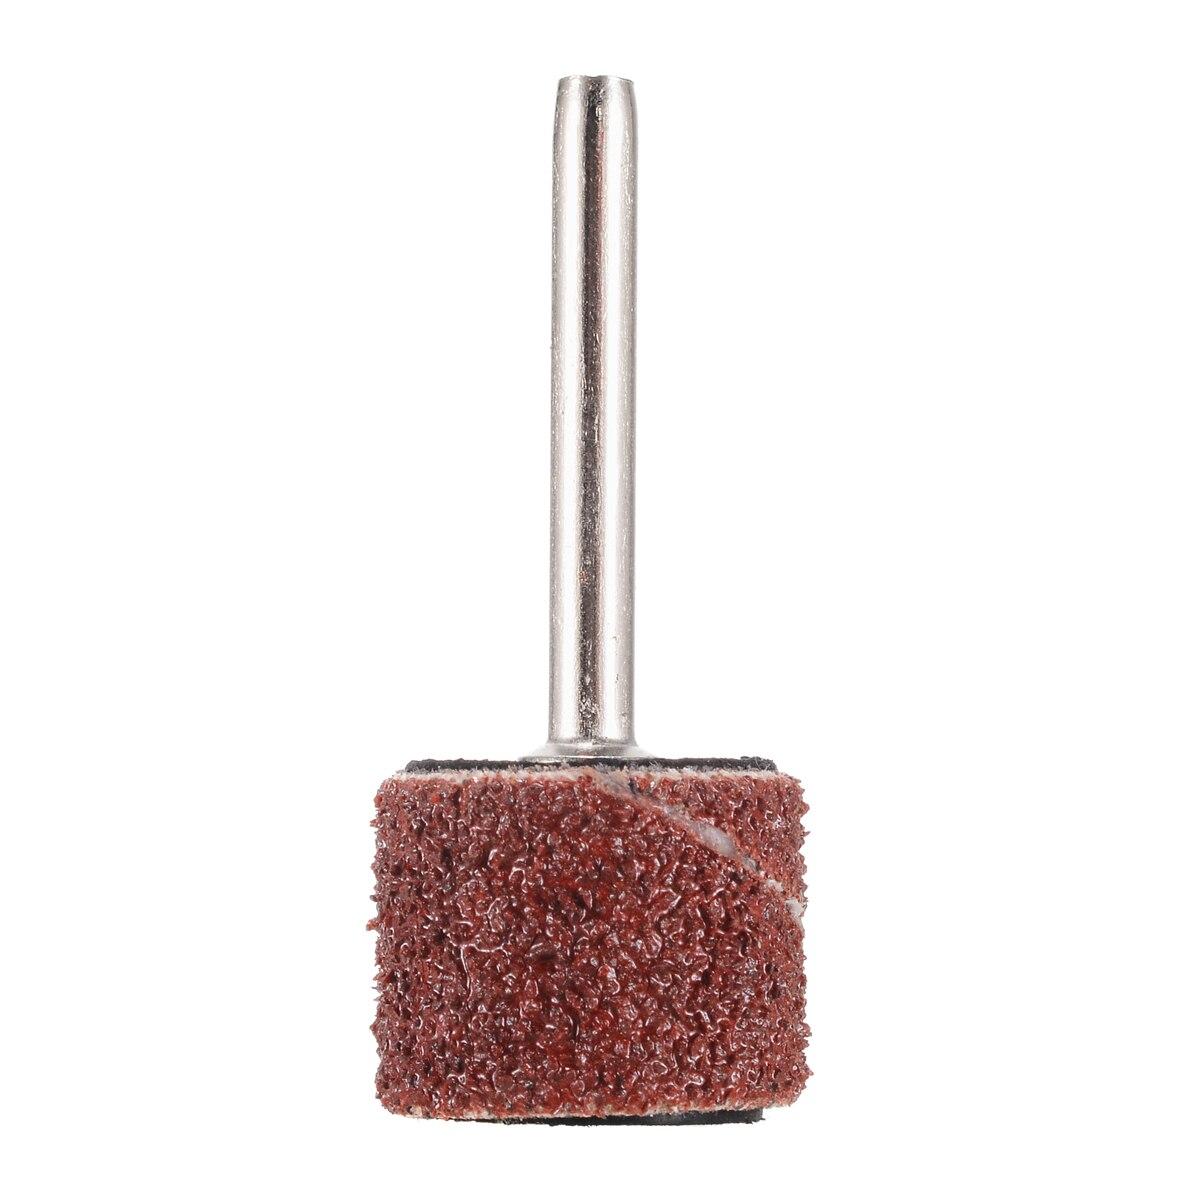 Mayitr 100pcs 1/2inch 80 Grit Sanding Bands + 2pcs 1/8inch Mandrel Hand Rotary Tool Nail Machine Nail Drill Bits Abrasive Tools